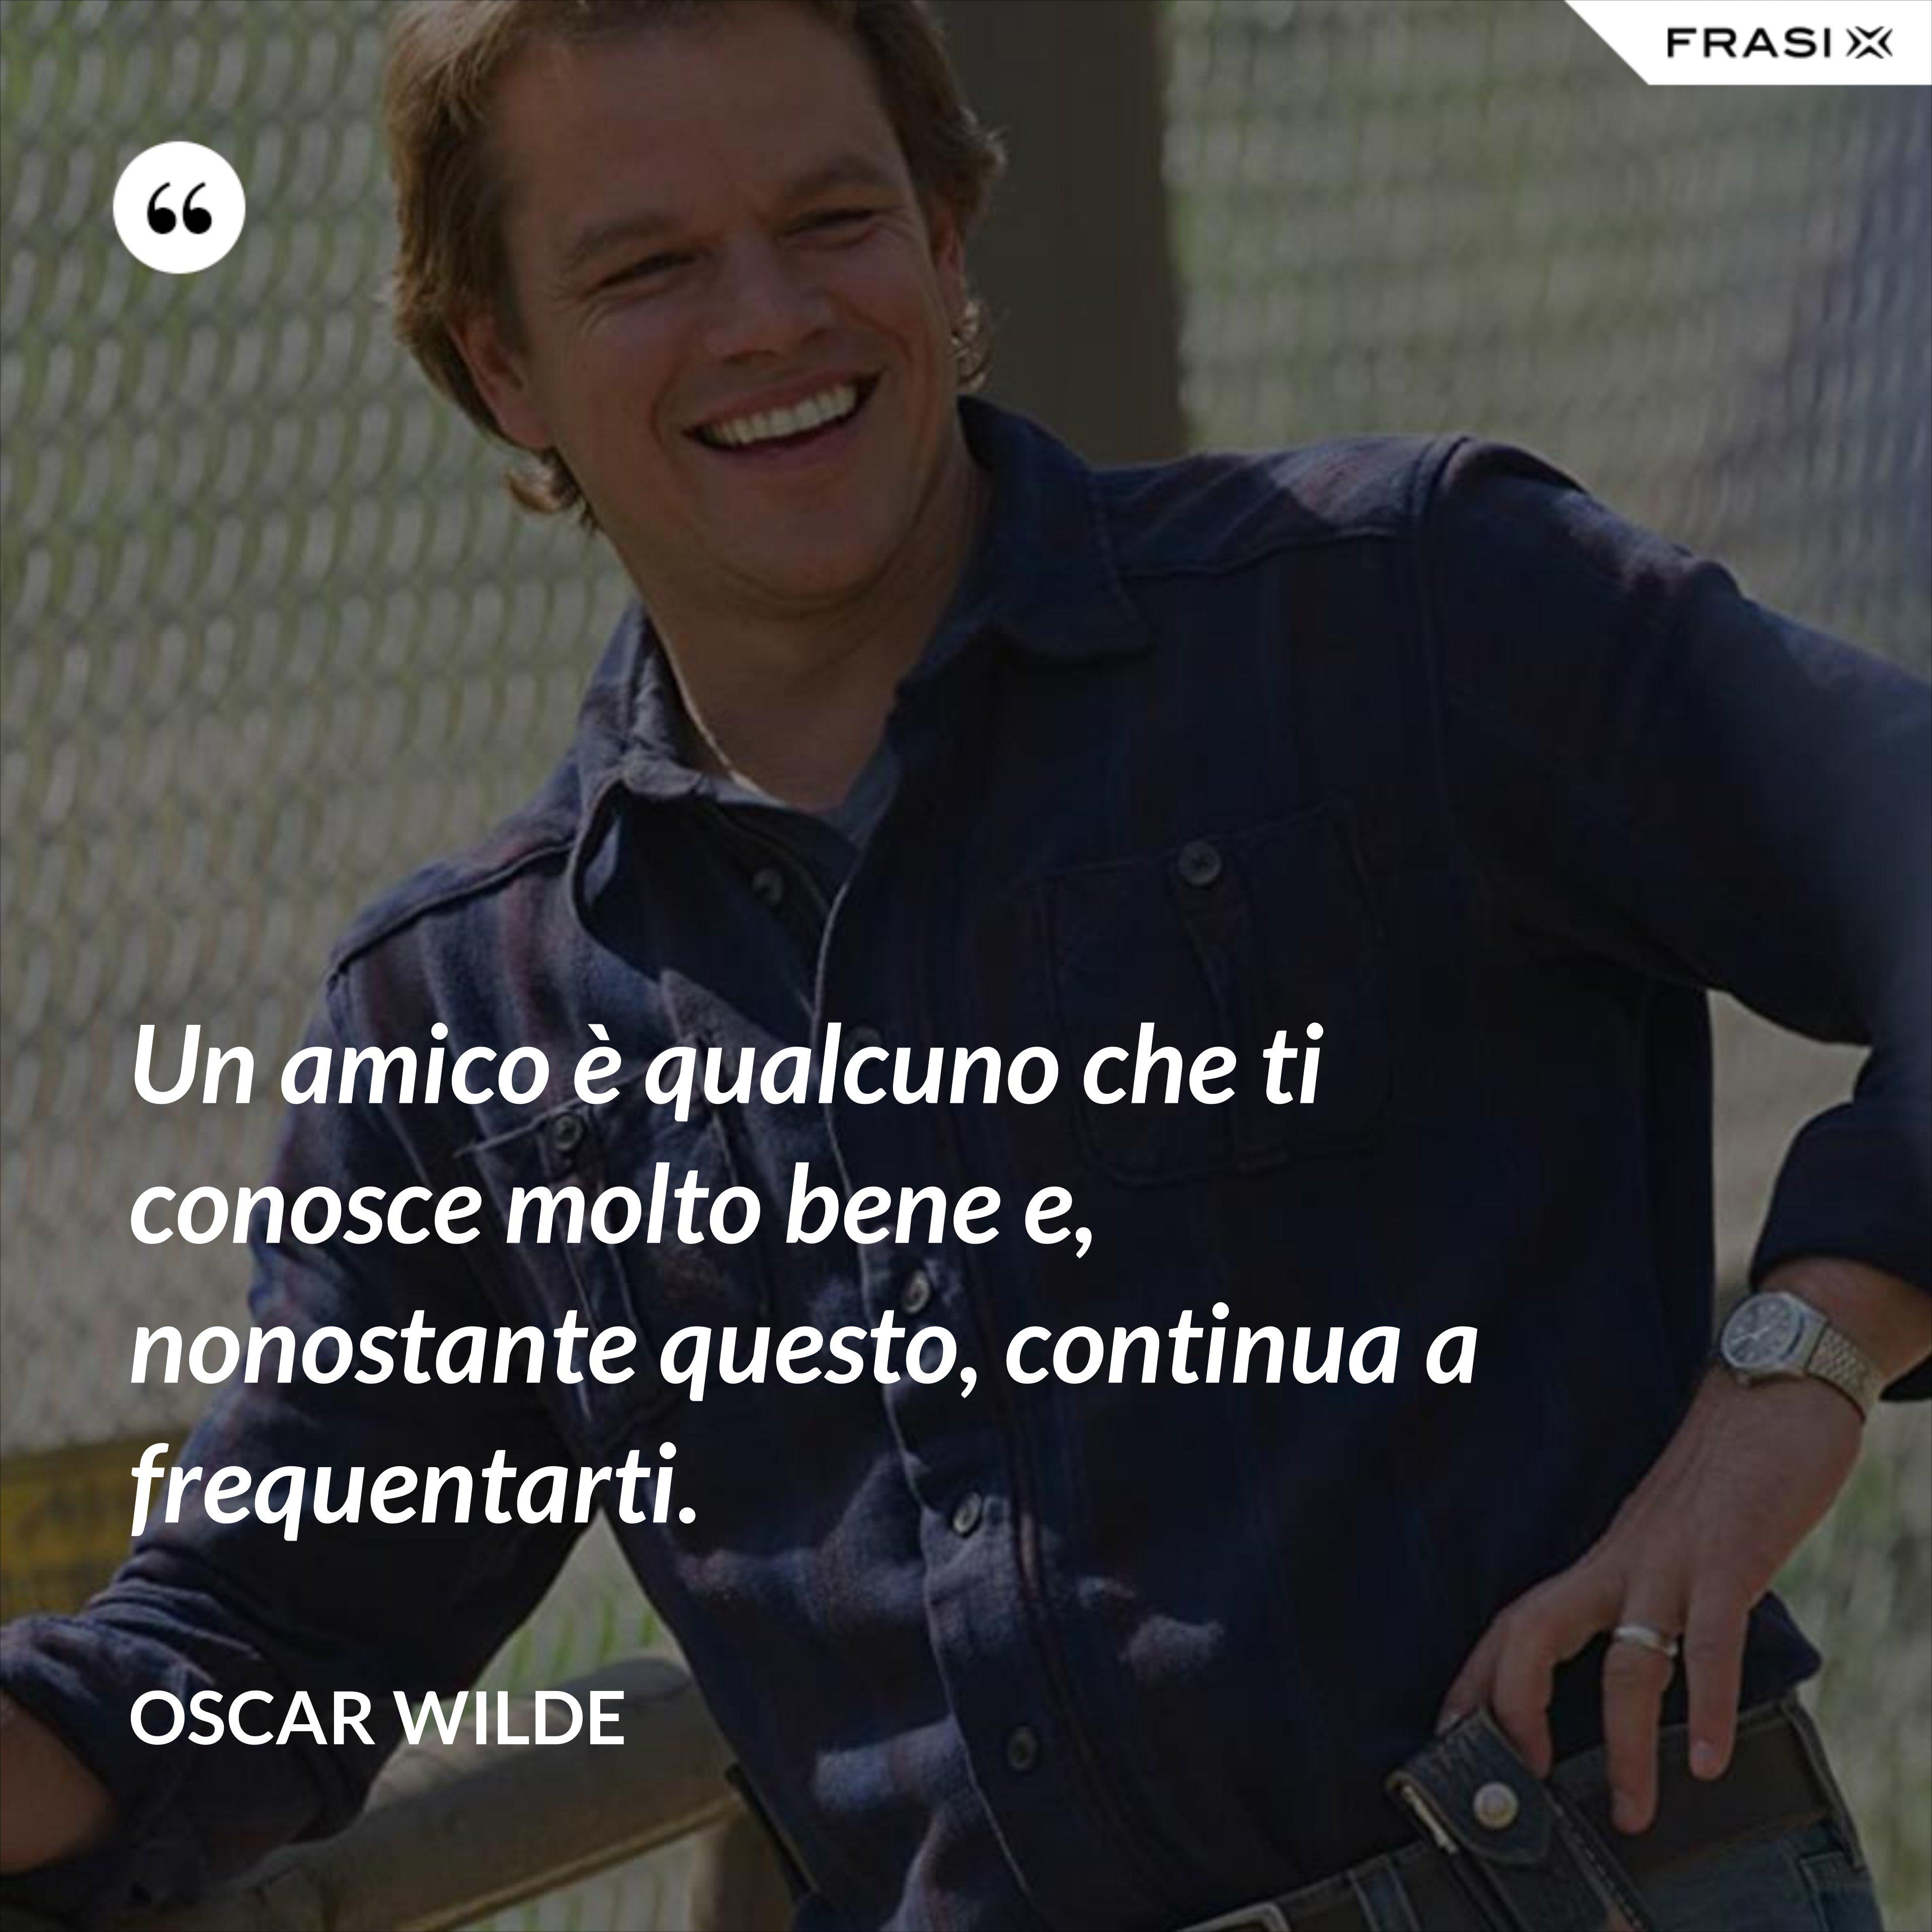 Un amico è qualcuno che ti conosce molto bene e, nonostante questo, continua a frequentarti. - Oscar Wilde